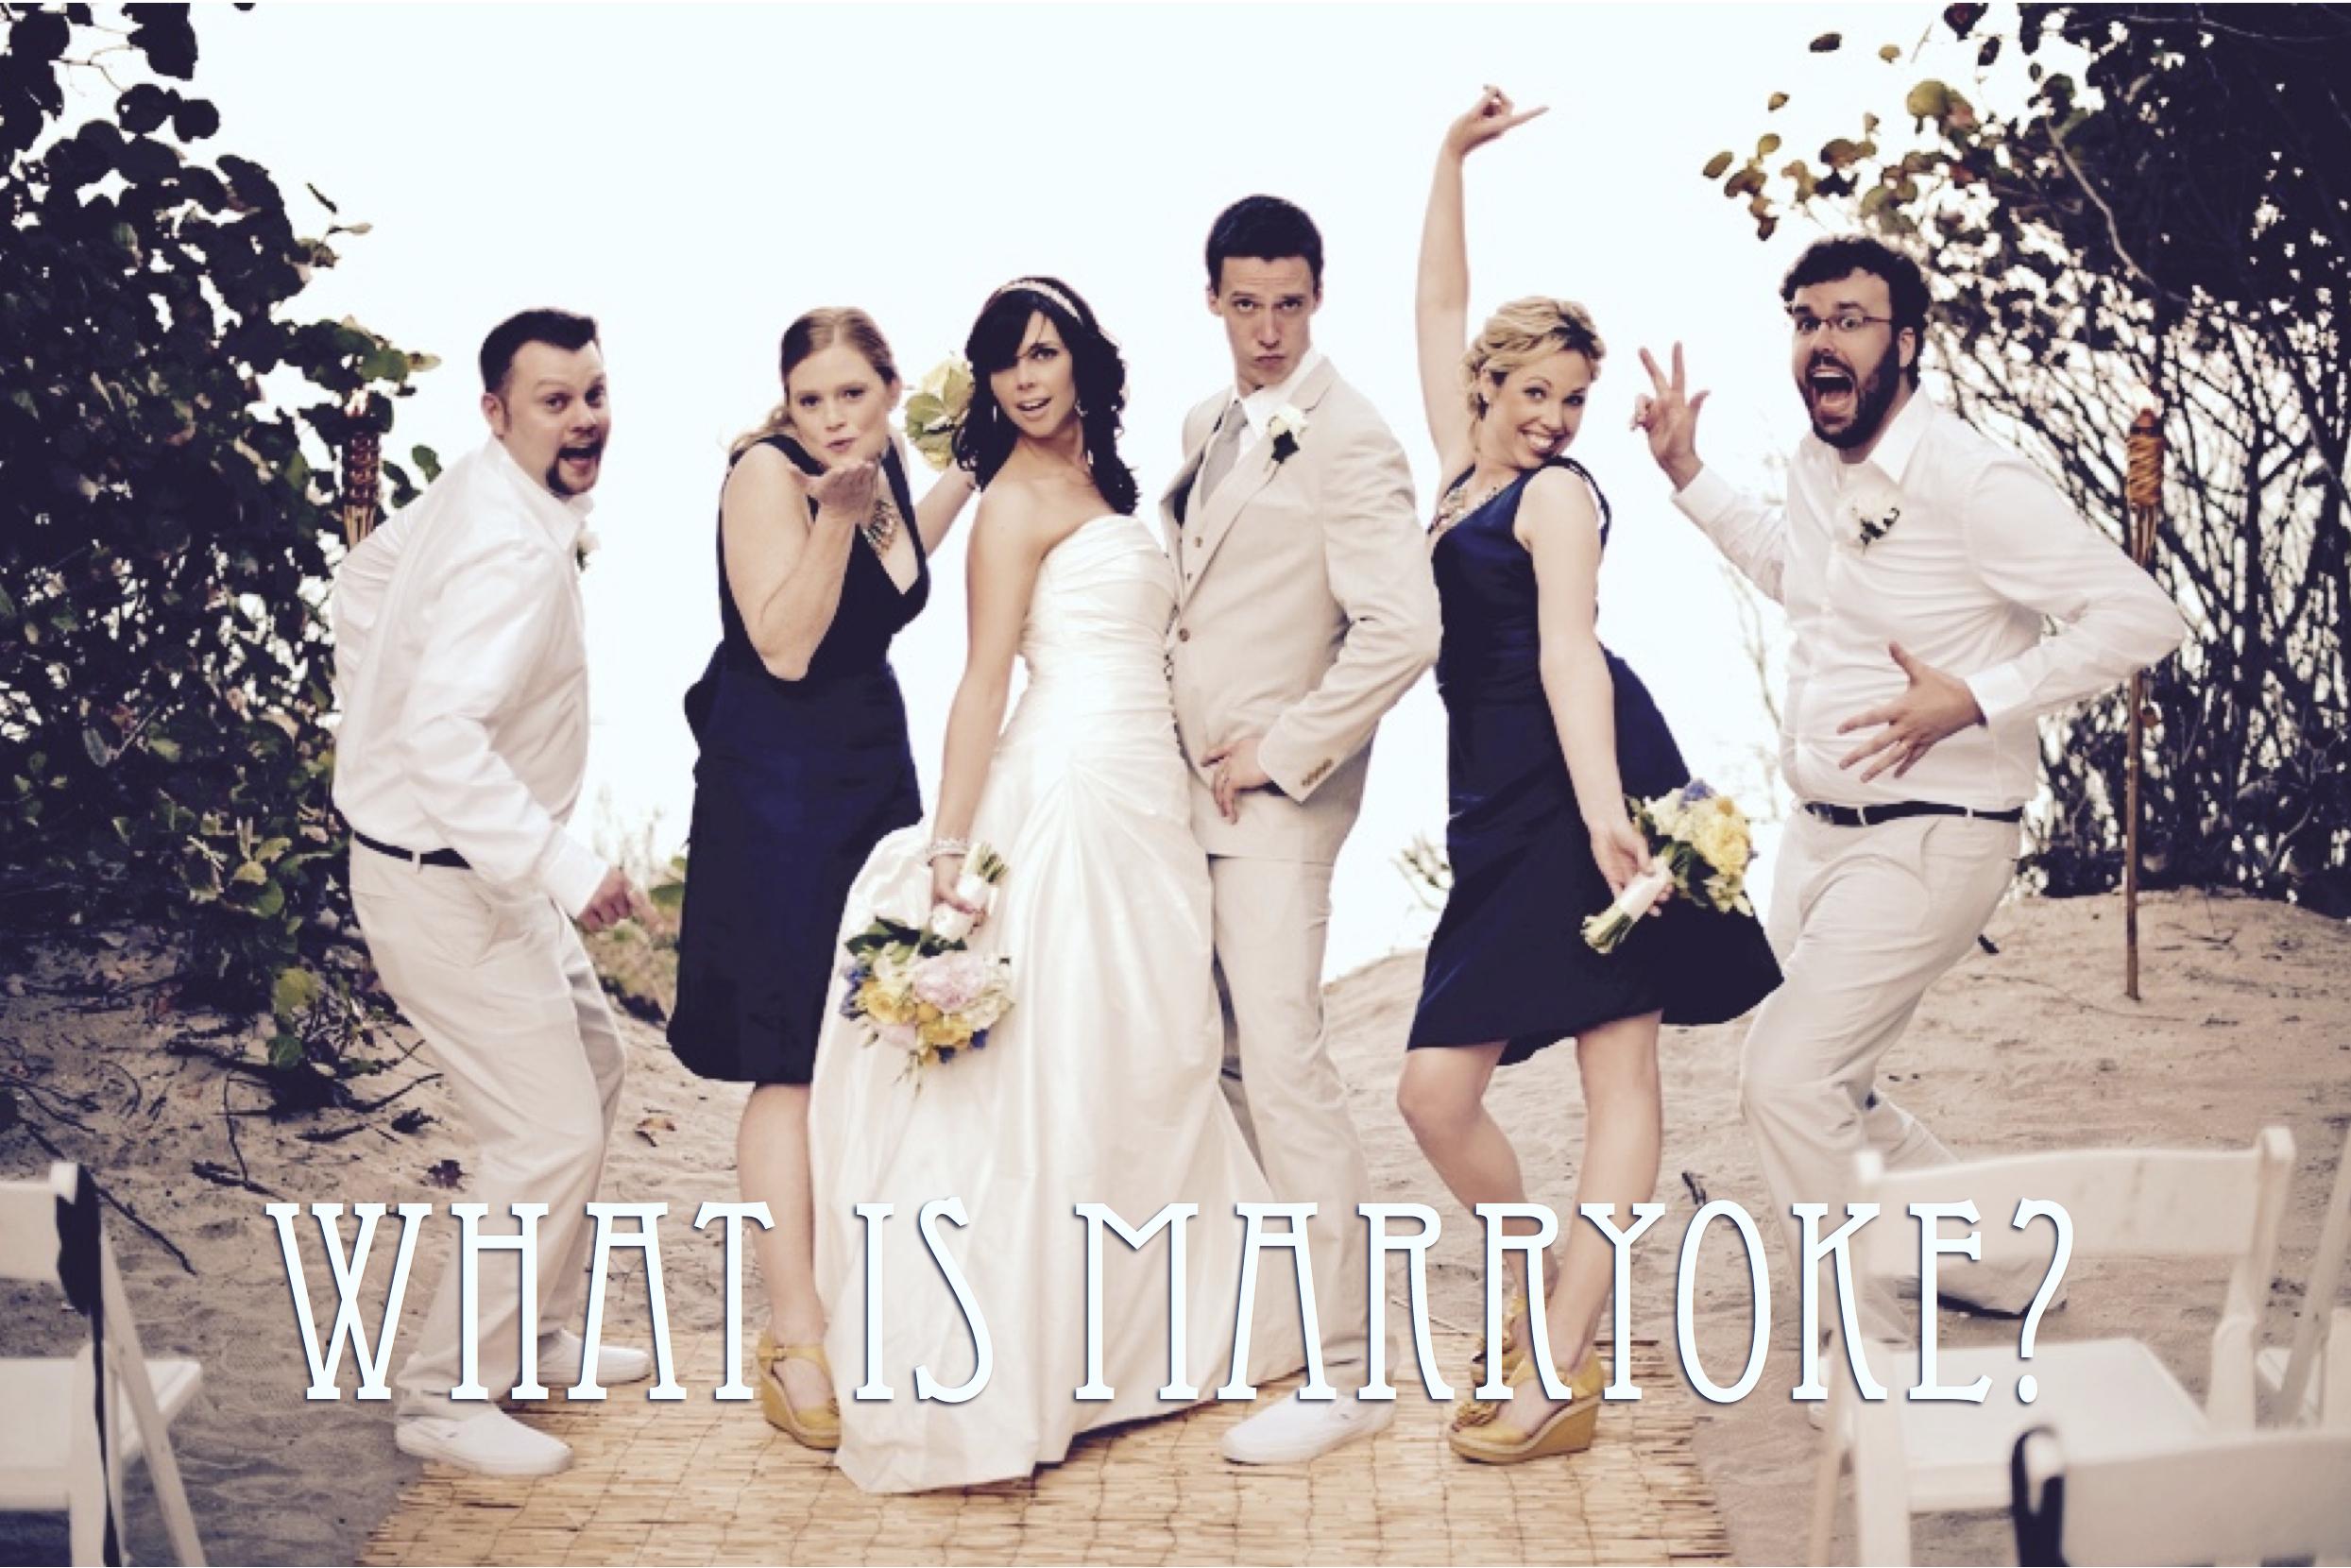 Ce spui de un marryoke la nunta ta?